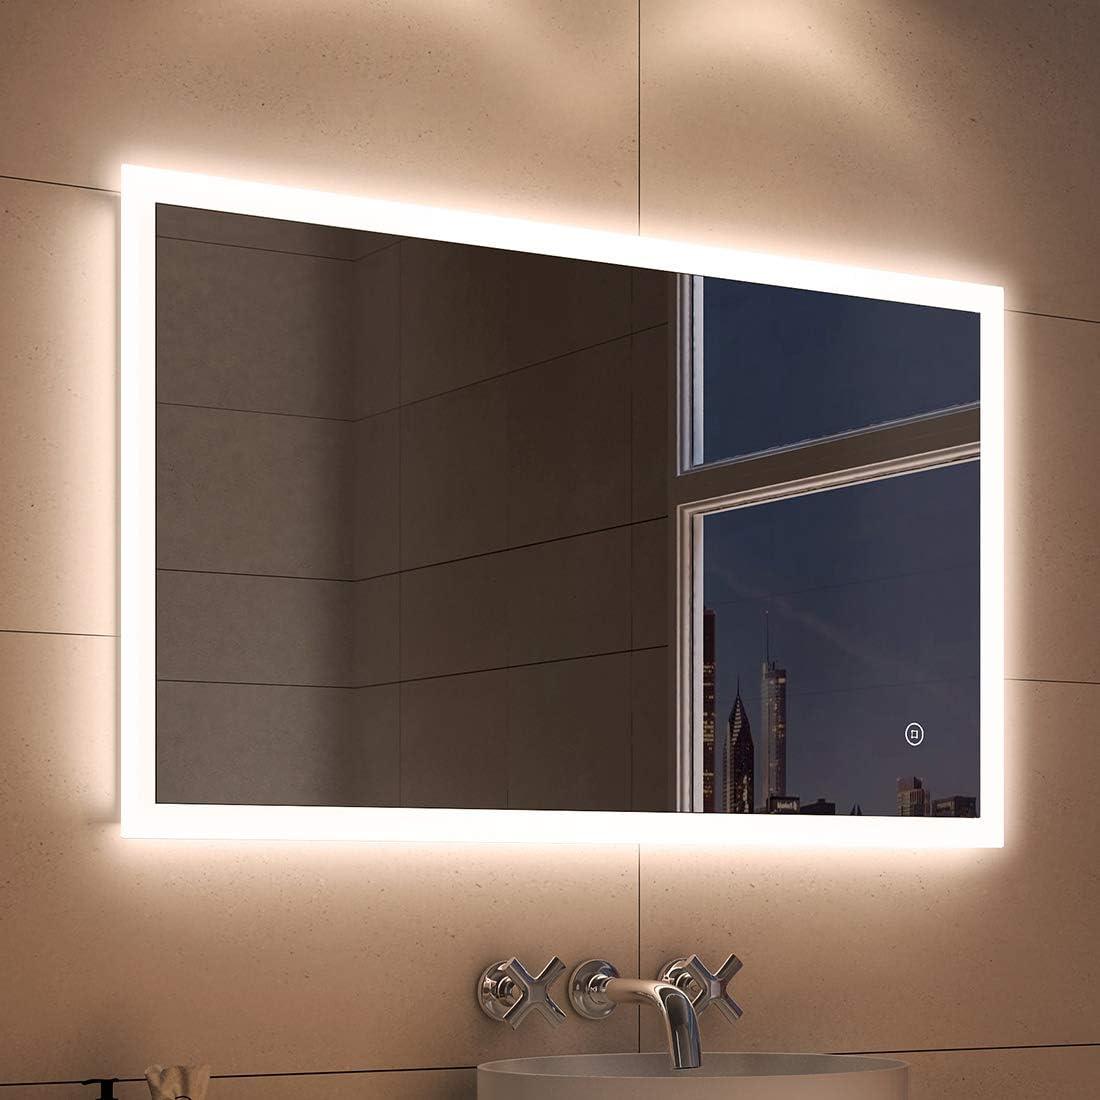 Specchio da bagno a LED luce bianca calda classe di efficienza energetica A++ Duschdeluxe con illuminazione